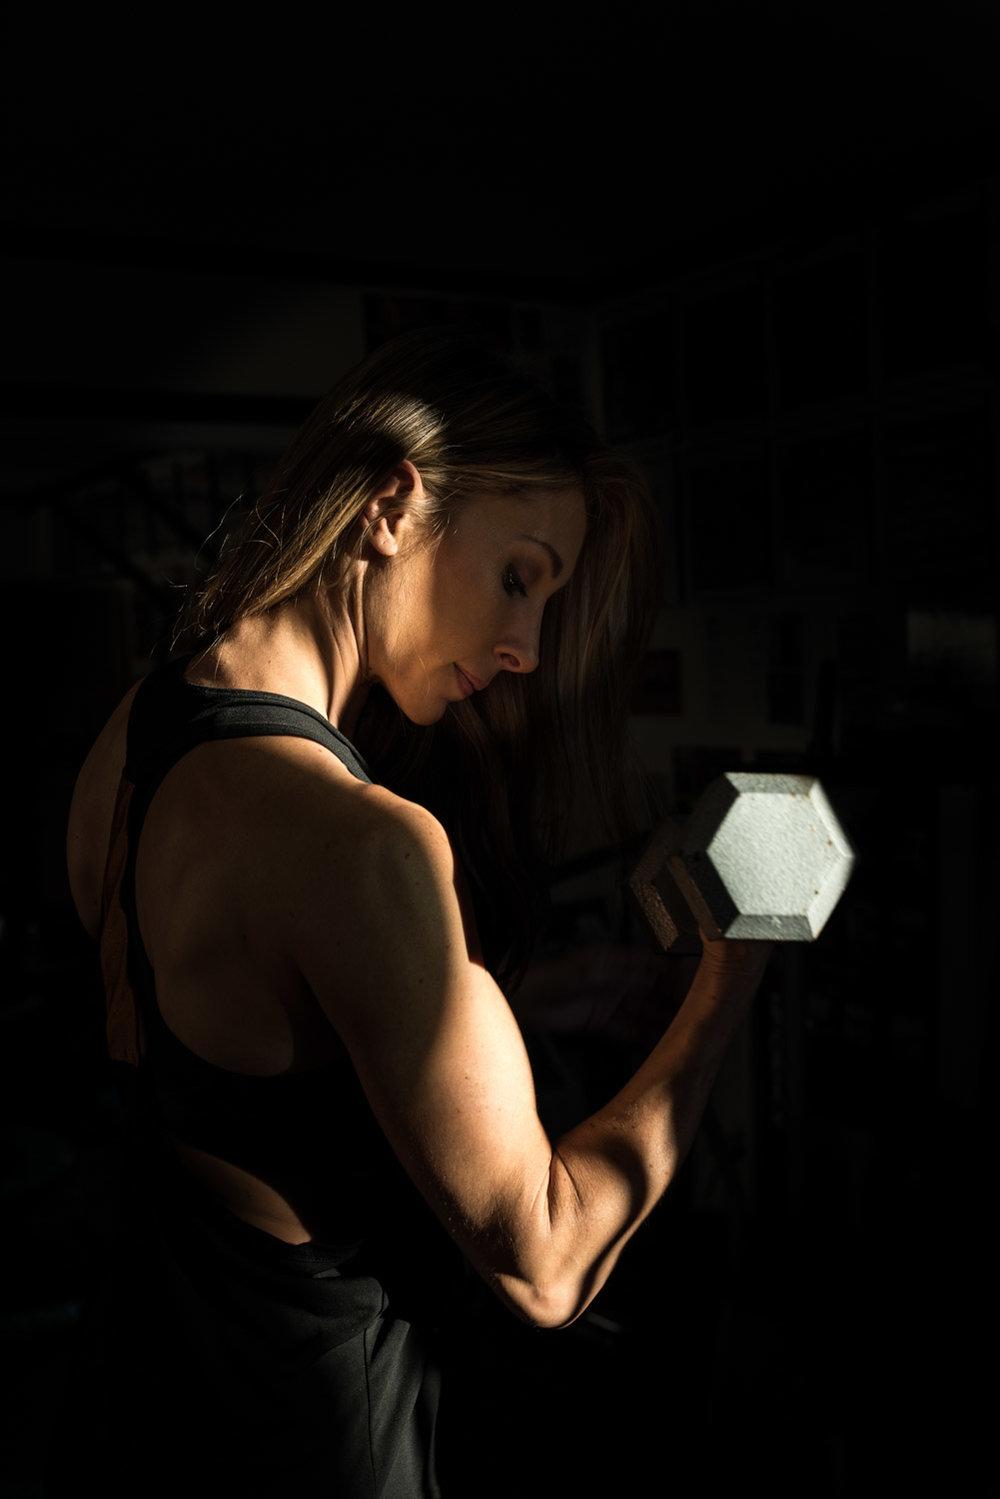 Fitness-Michelle-Martina Zando-3305.jpg